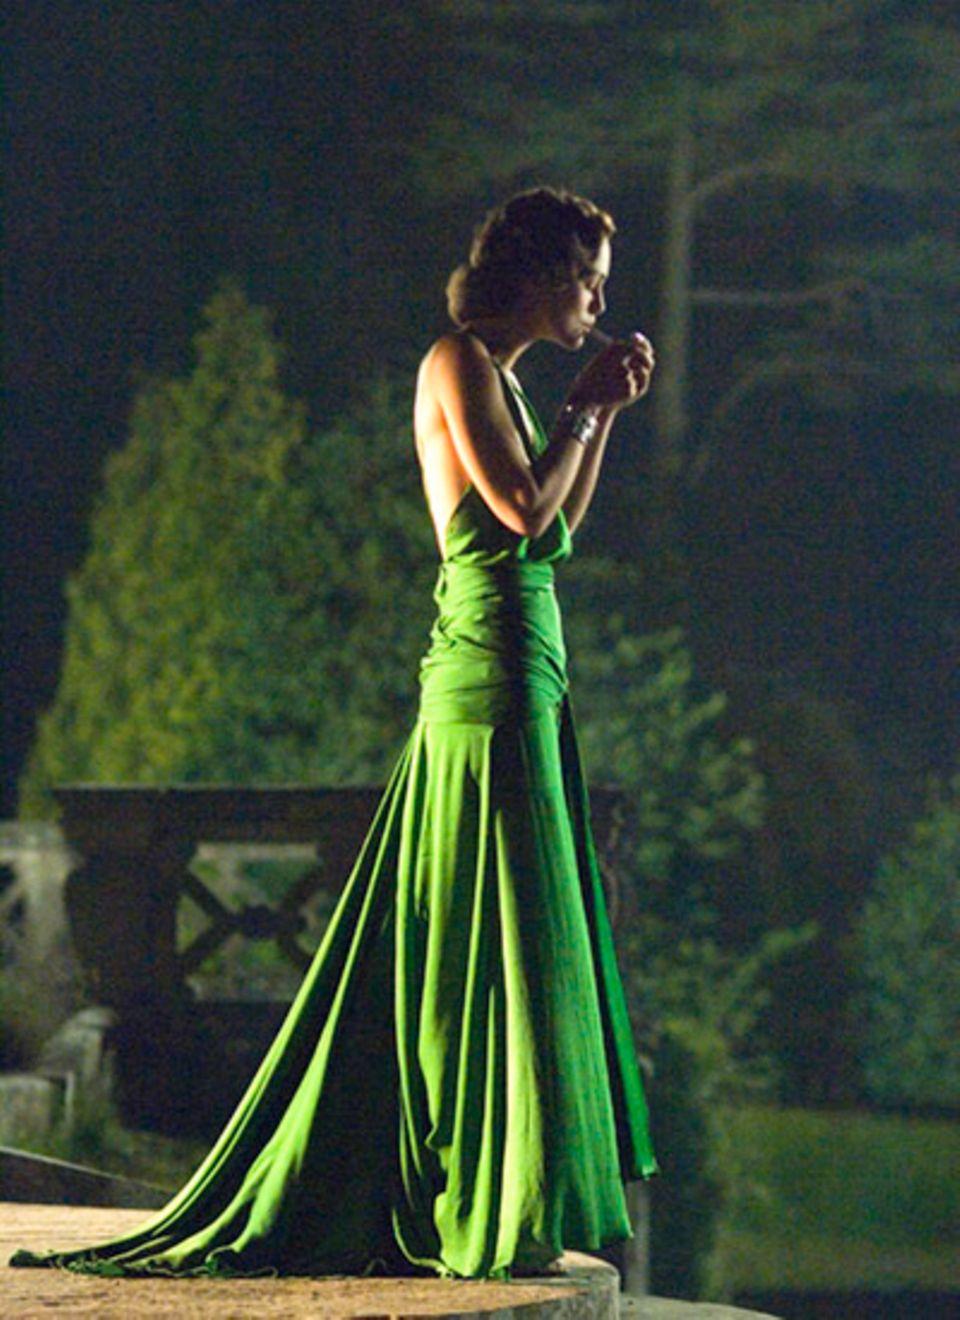 Keira Knightley spielt Cecilia und verliebt sich im Zuge dessen in James McAvoy